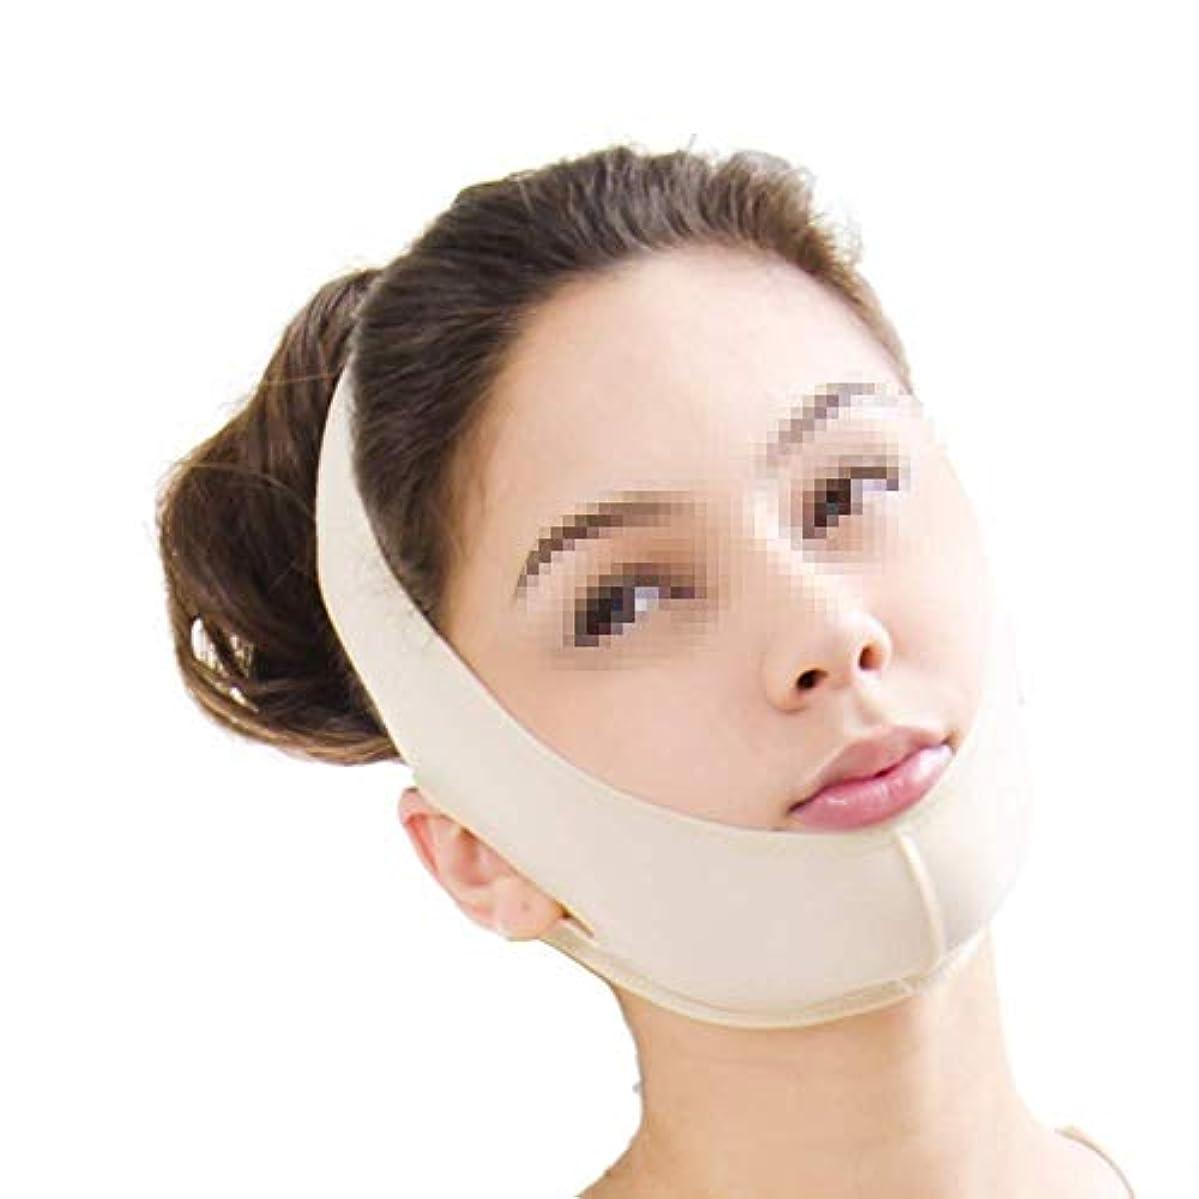 大聖堂誠実項目フェイスリフトマスク、圧縮後の顎顔面ダブルチン化粧品脂肪吸引小顔包帯弾性ヘッドギア(サイズ:Xl)